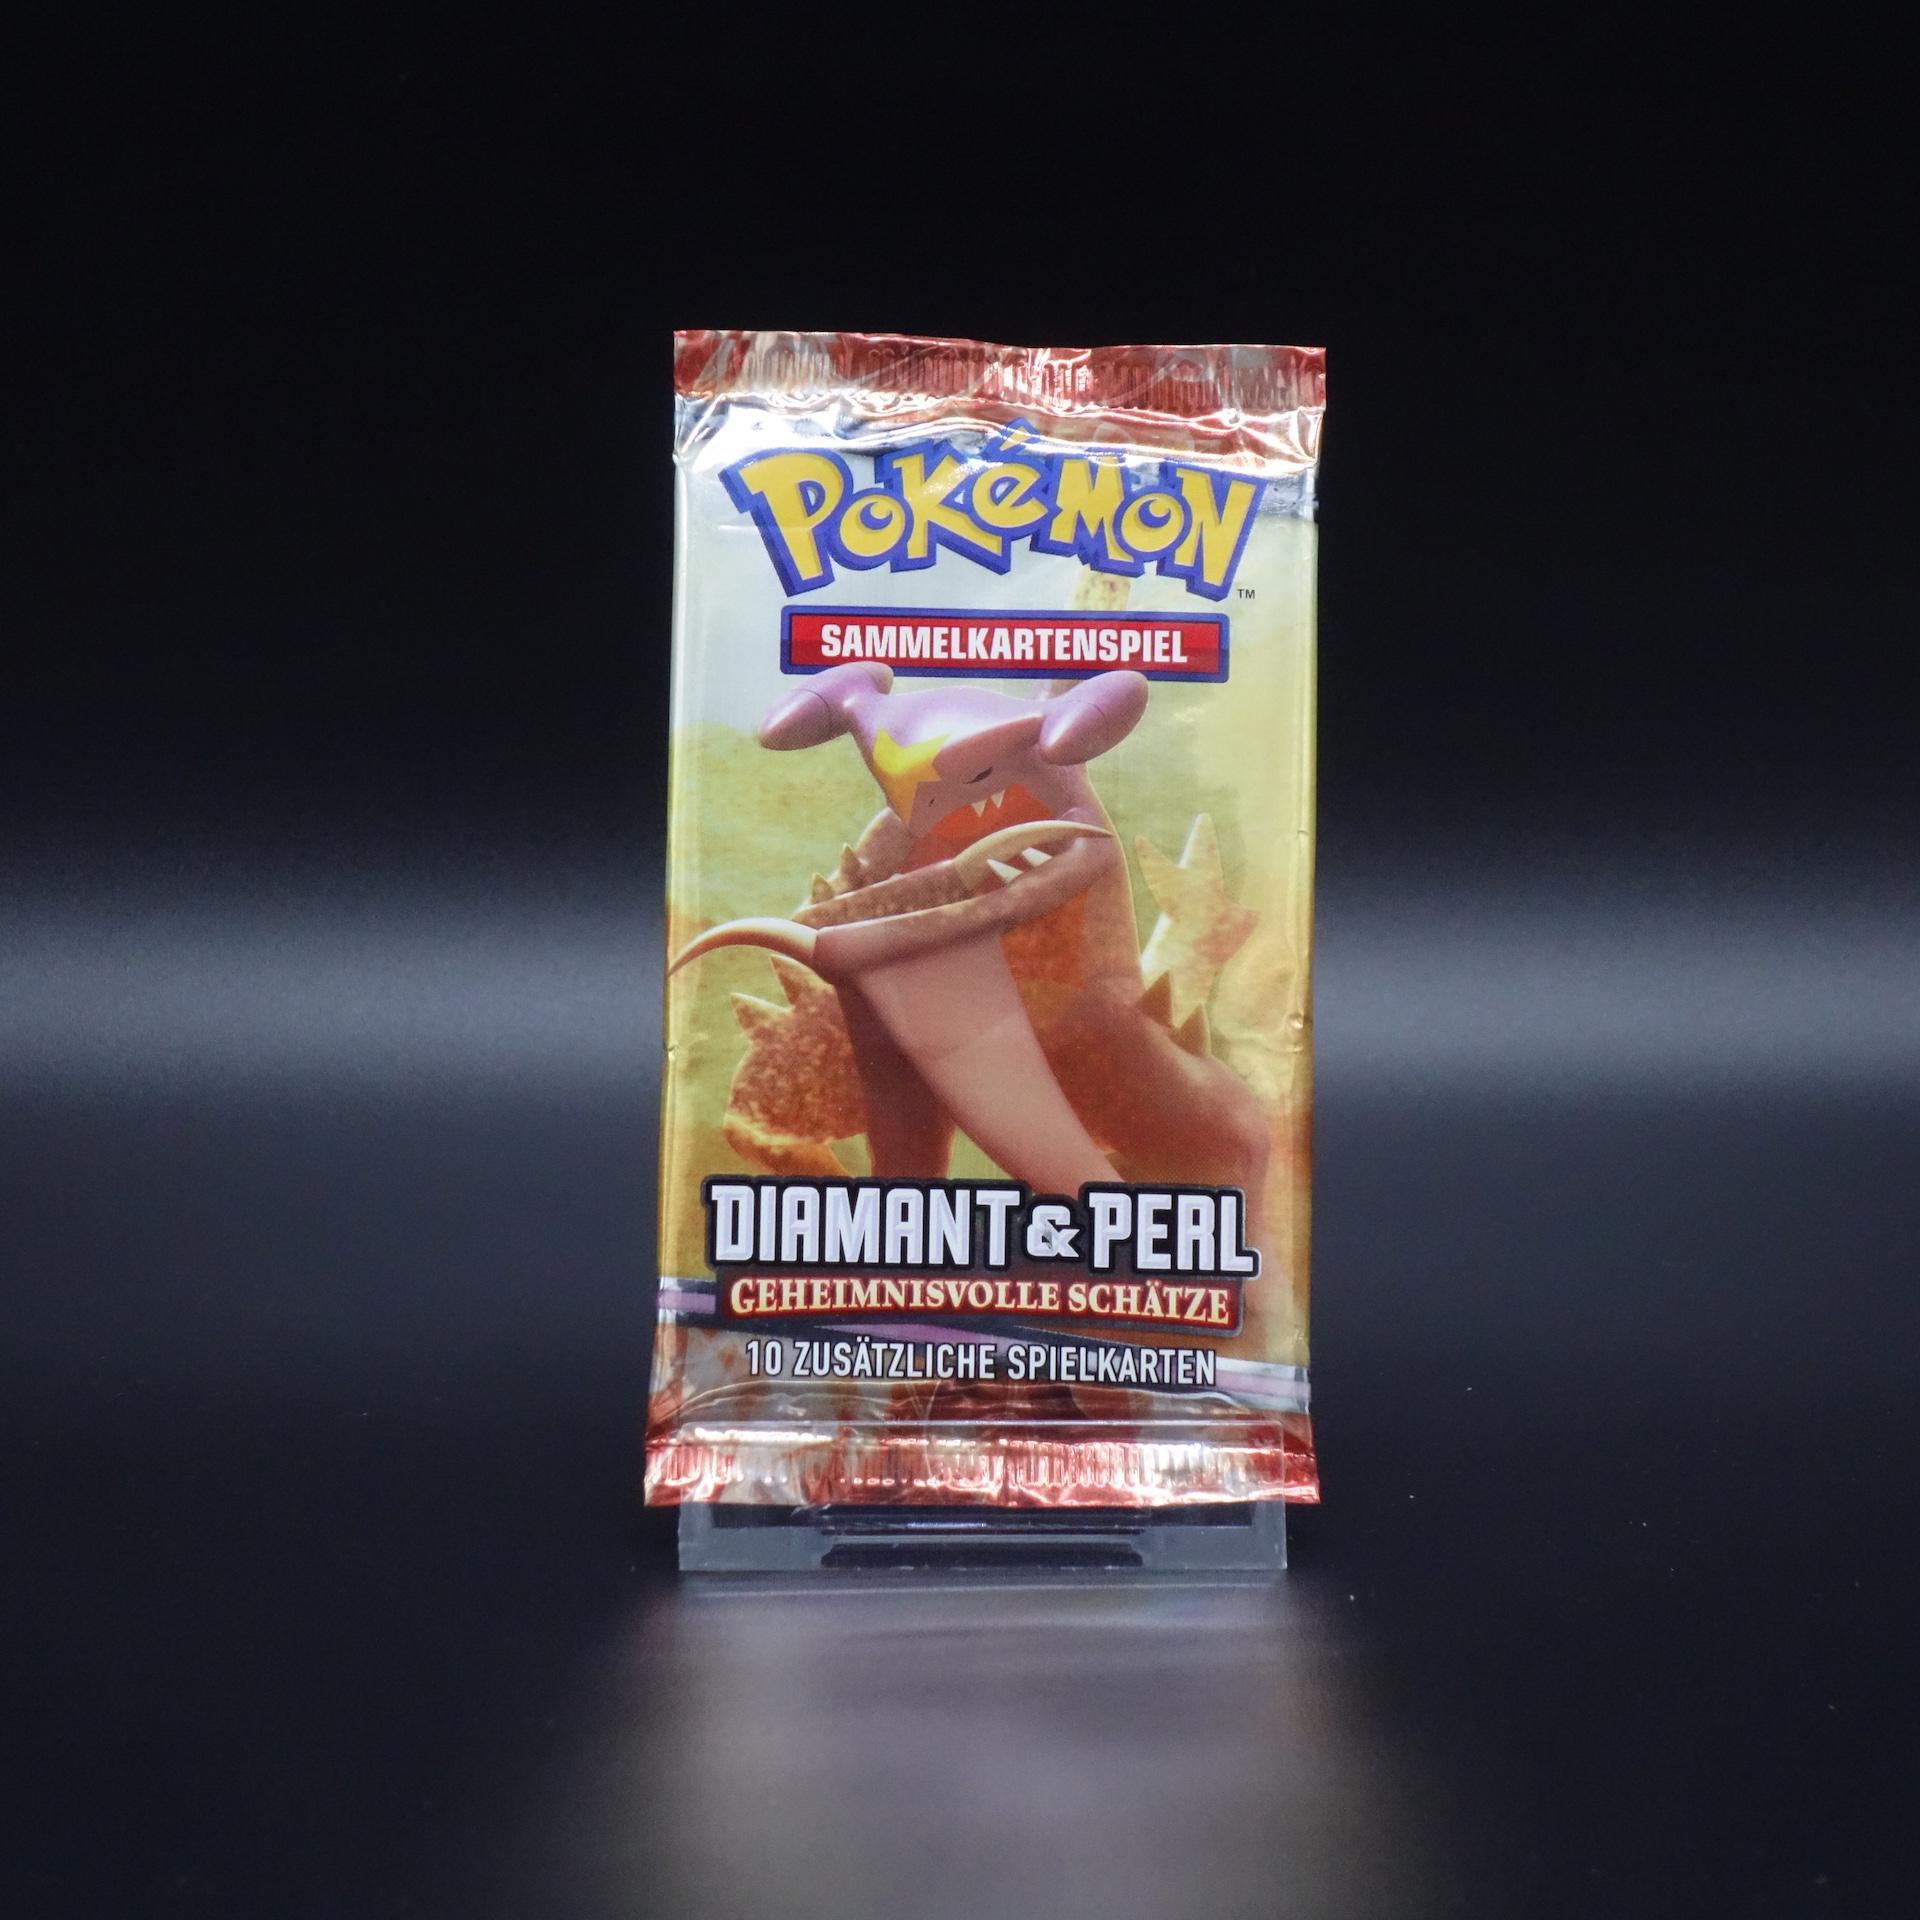 Pokemon Booster Diamant & Perl Geheimnisvolle Schätze